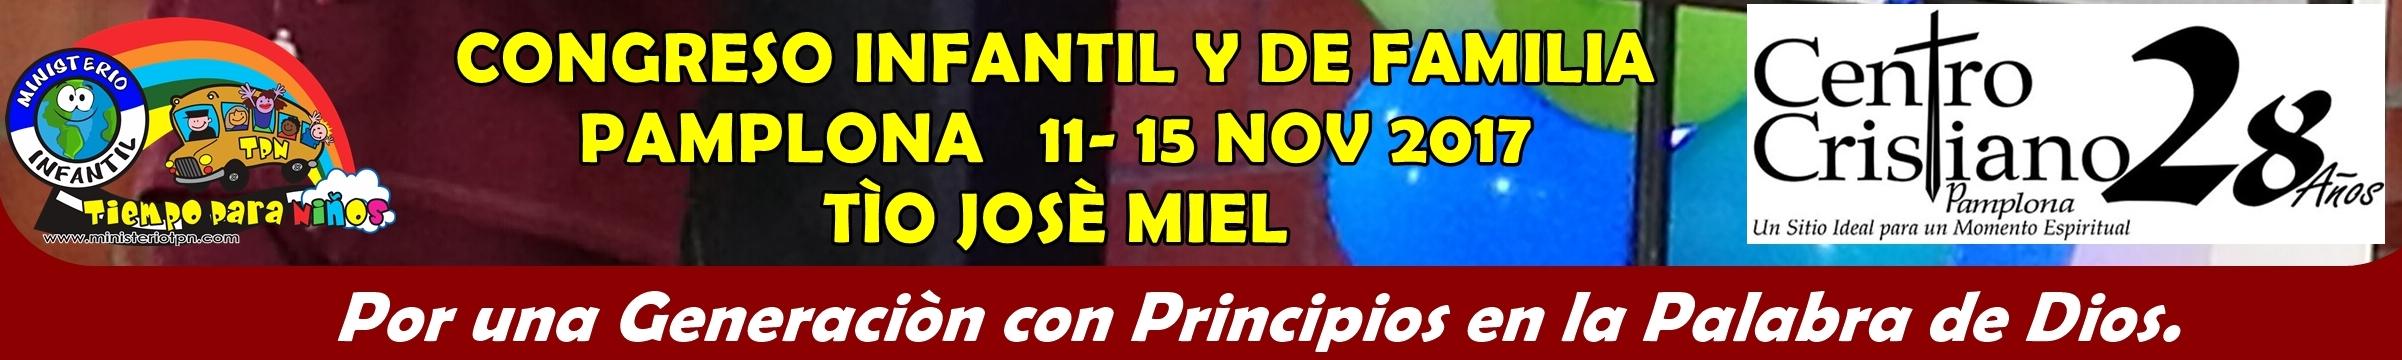 CONGRESO INFANTIL Y DE FAMILIA PAMPLONA 2017